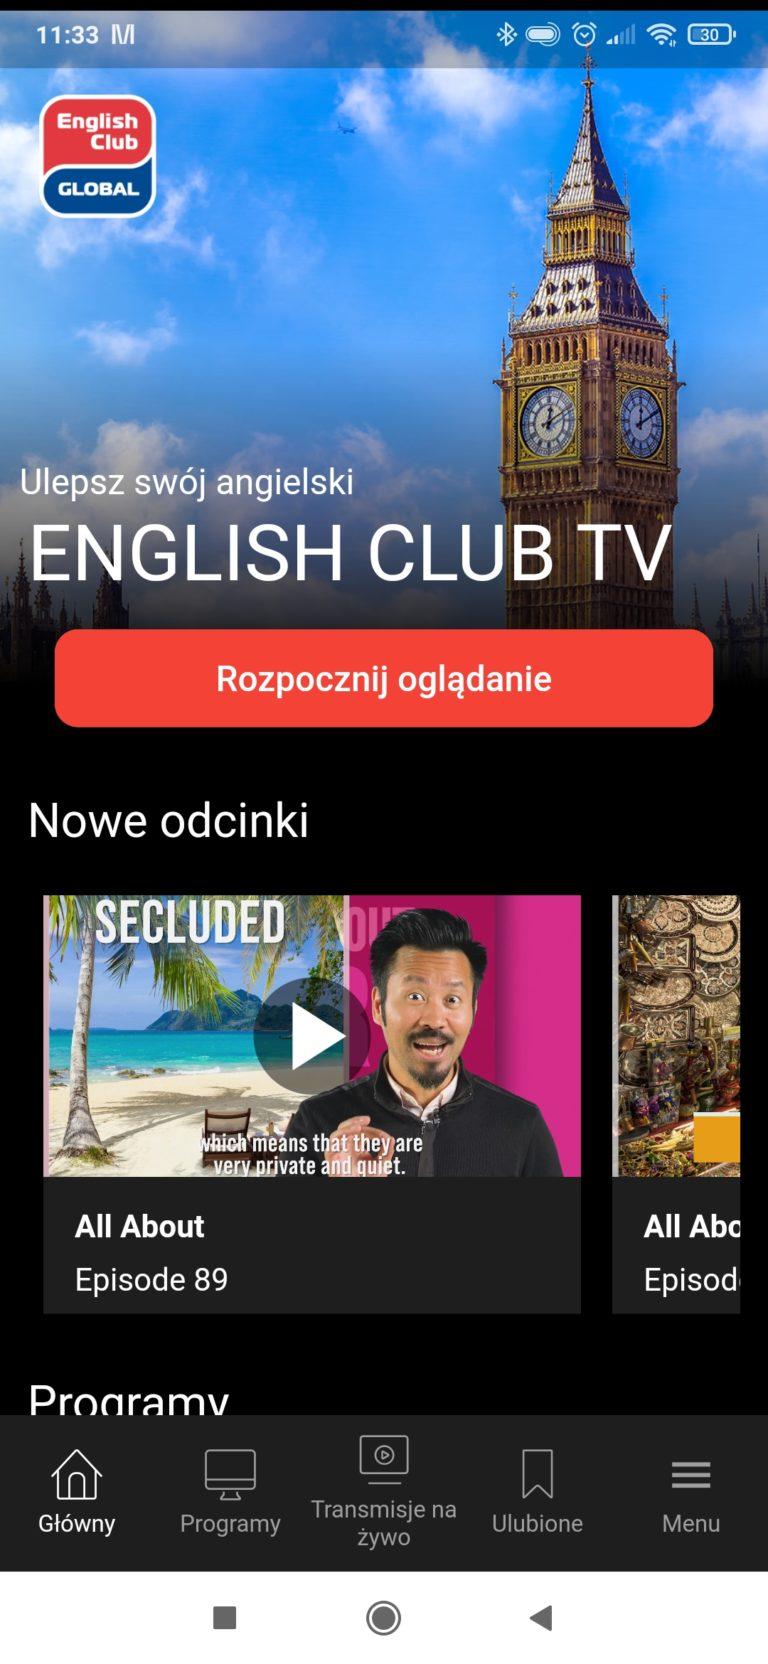 Ekran główny English Club TV